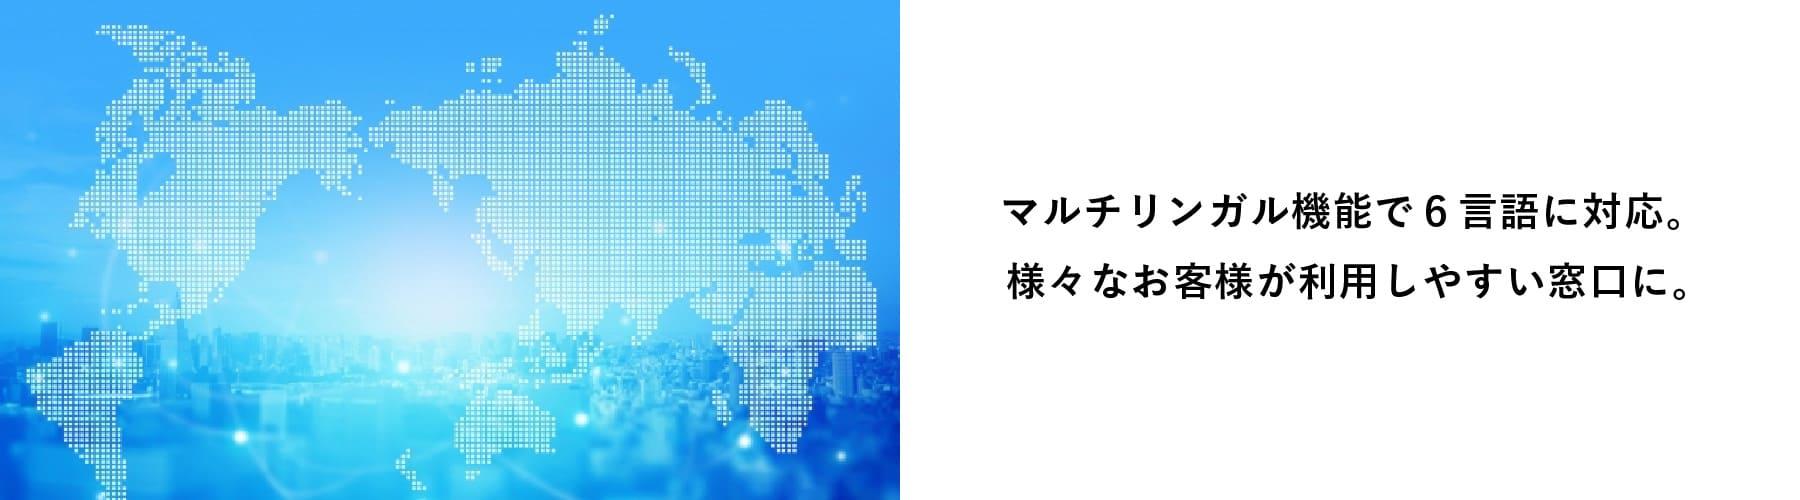 マルチリンガル機能で6言語に対応。様々なお客様が利用しやすい窓口に。